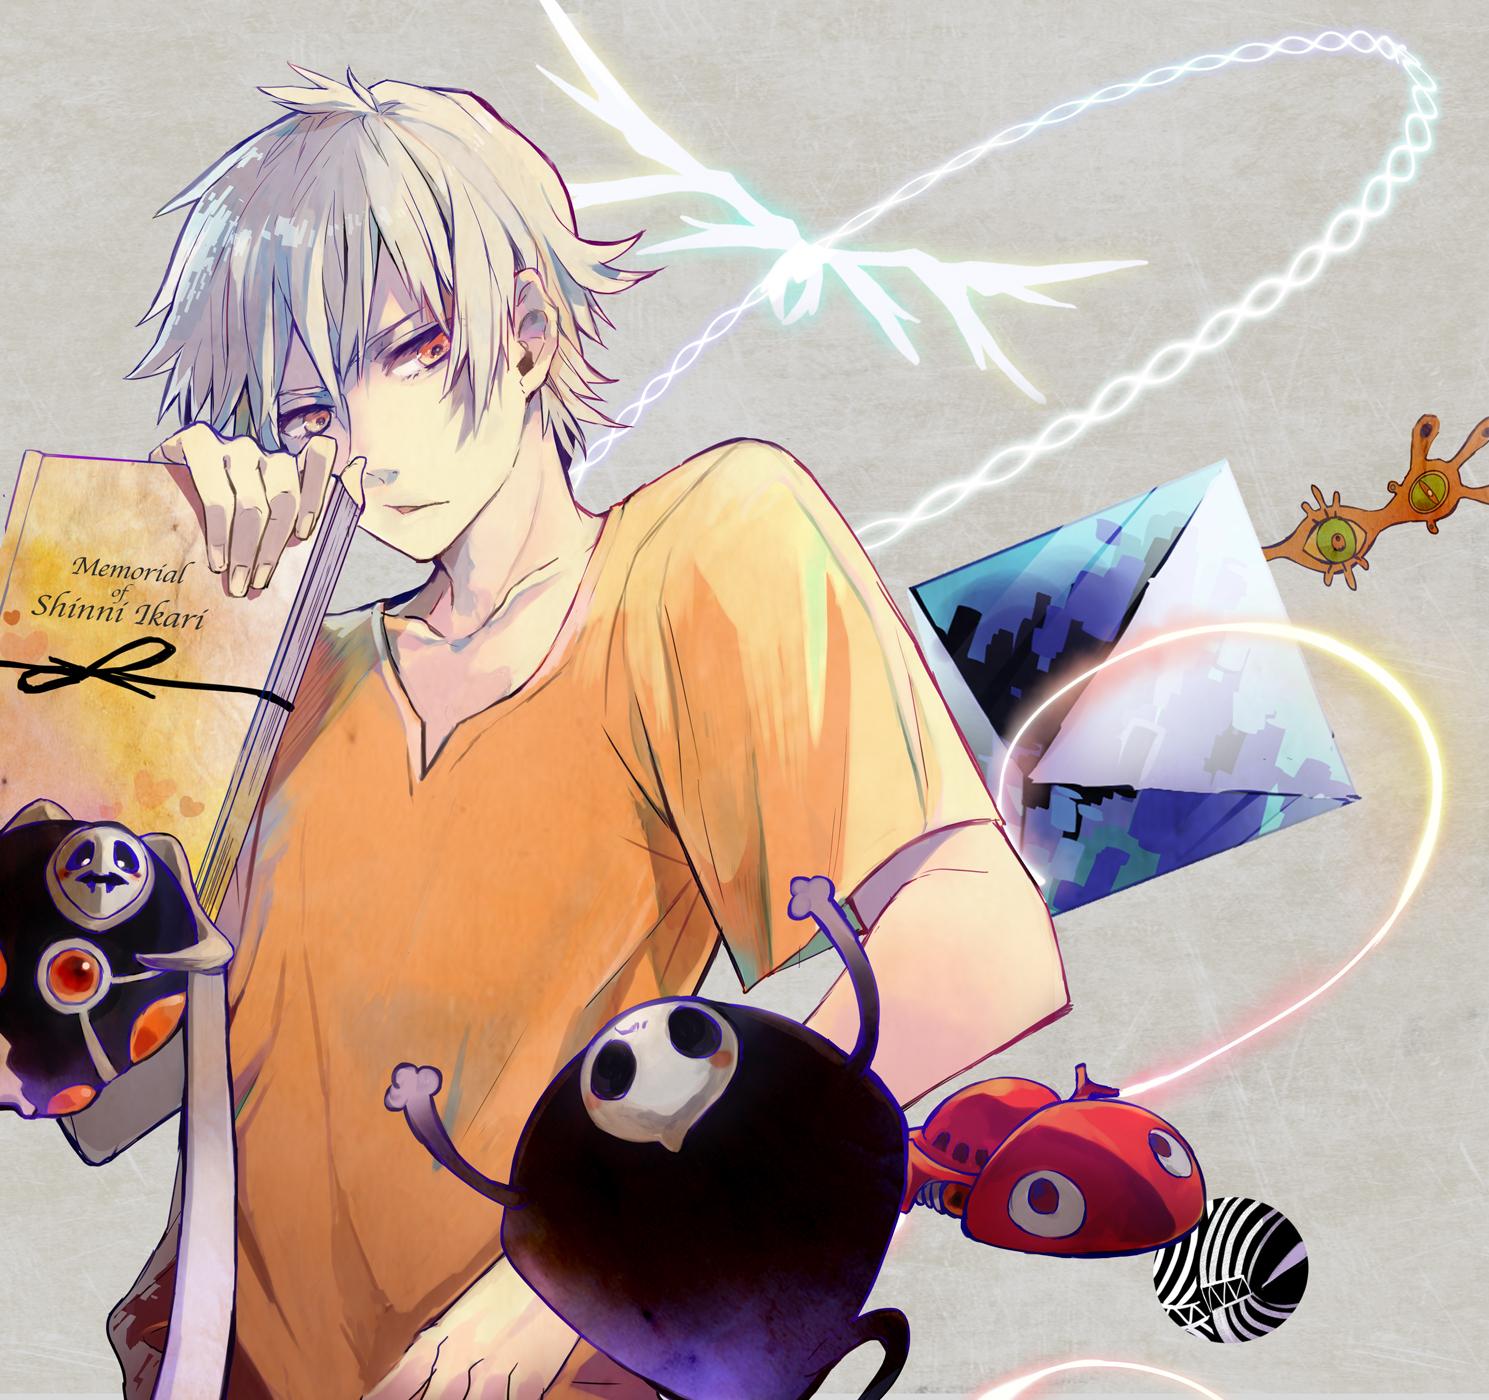 Zeruel Evangelion Neon Genesis Evangelion Zerochan Anime Image Board